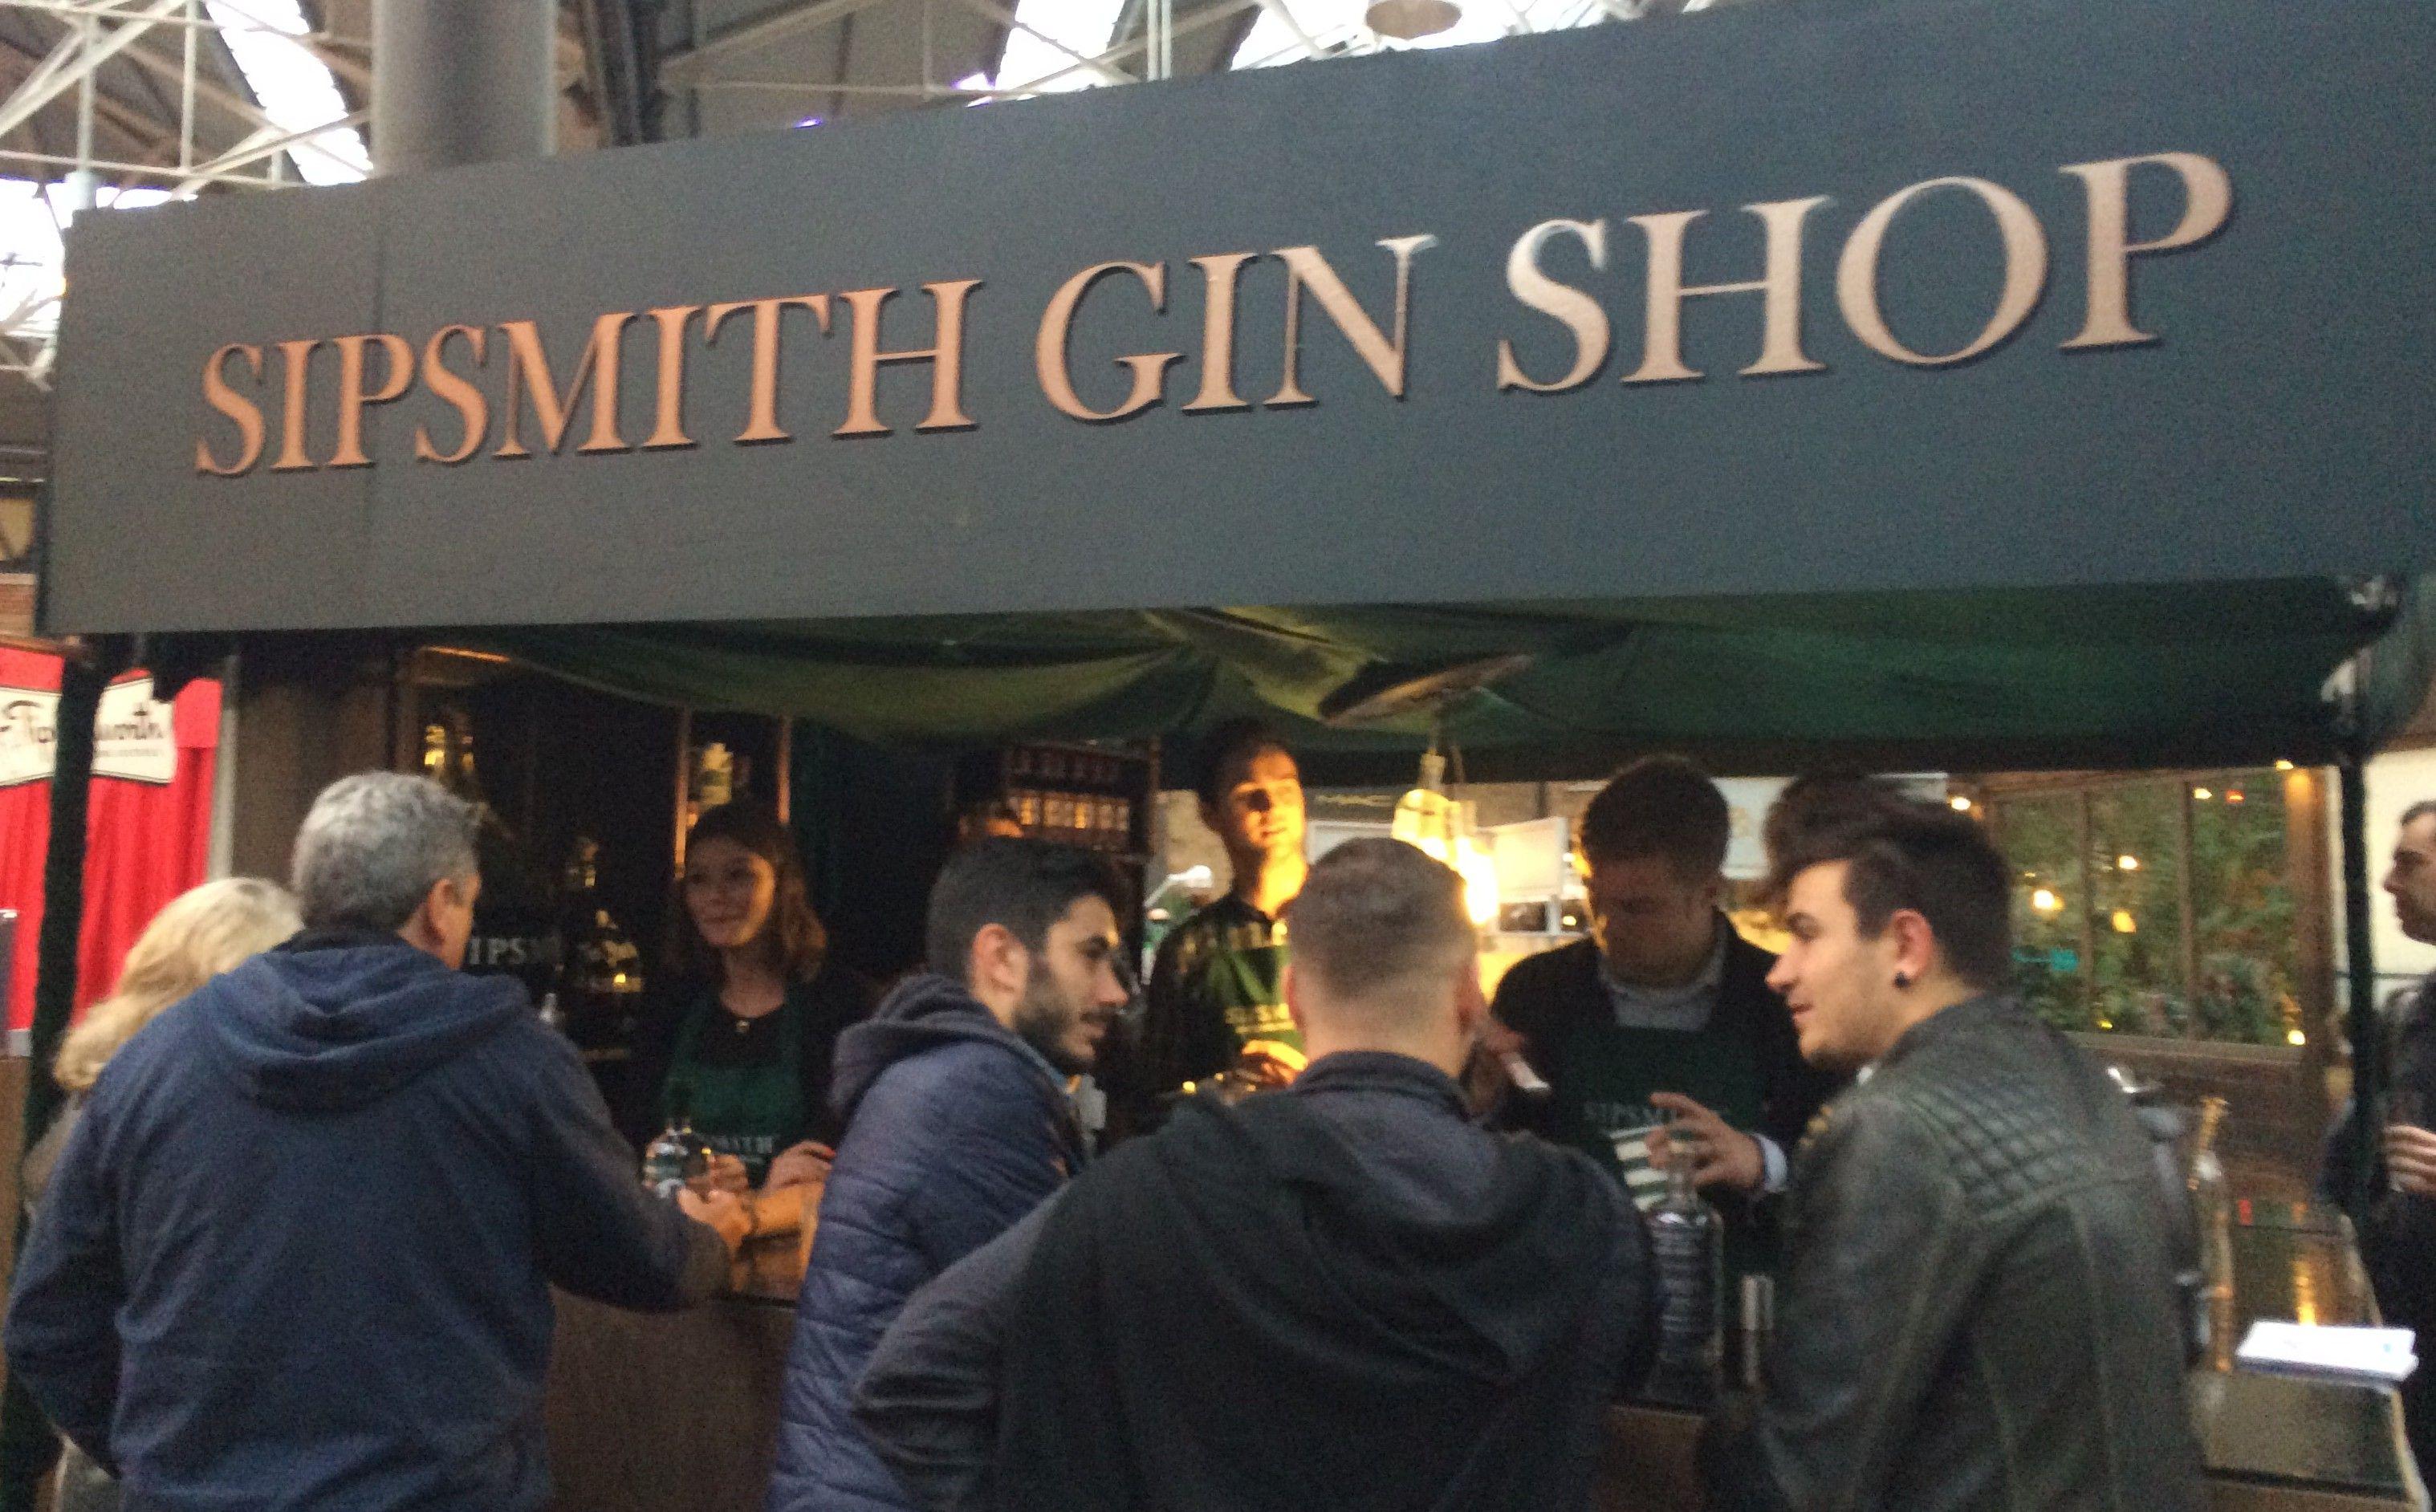 Sipmith gin shop